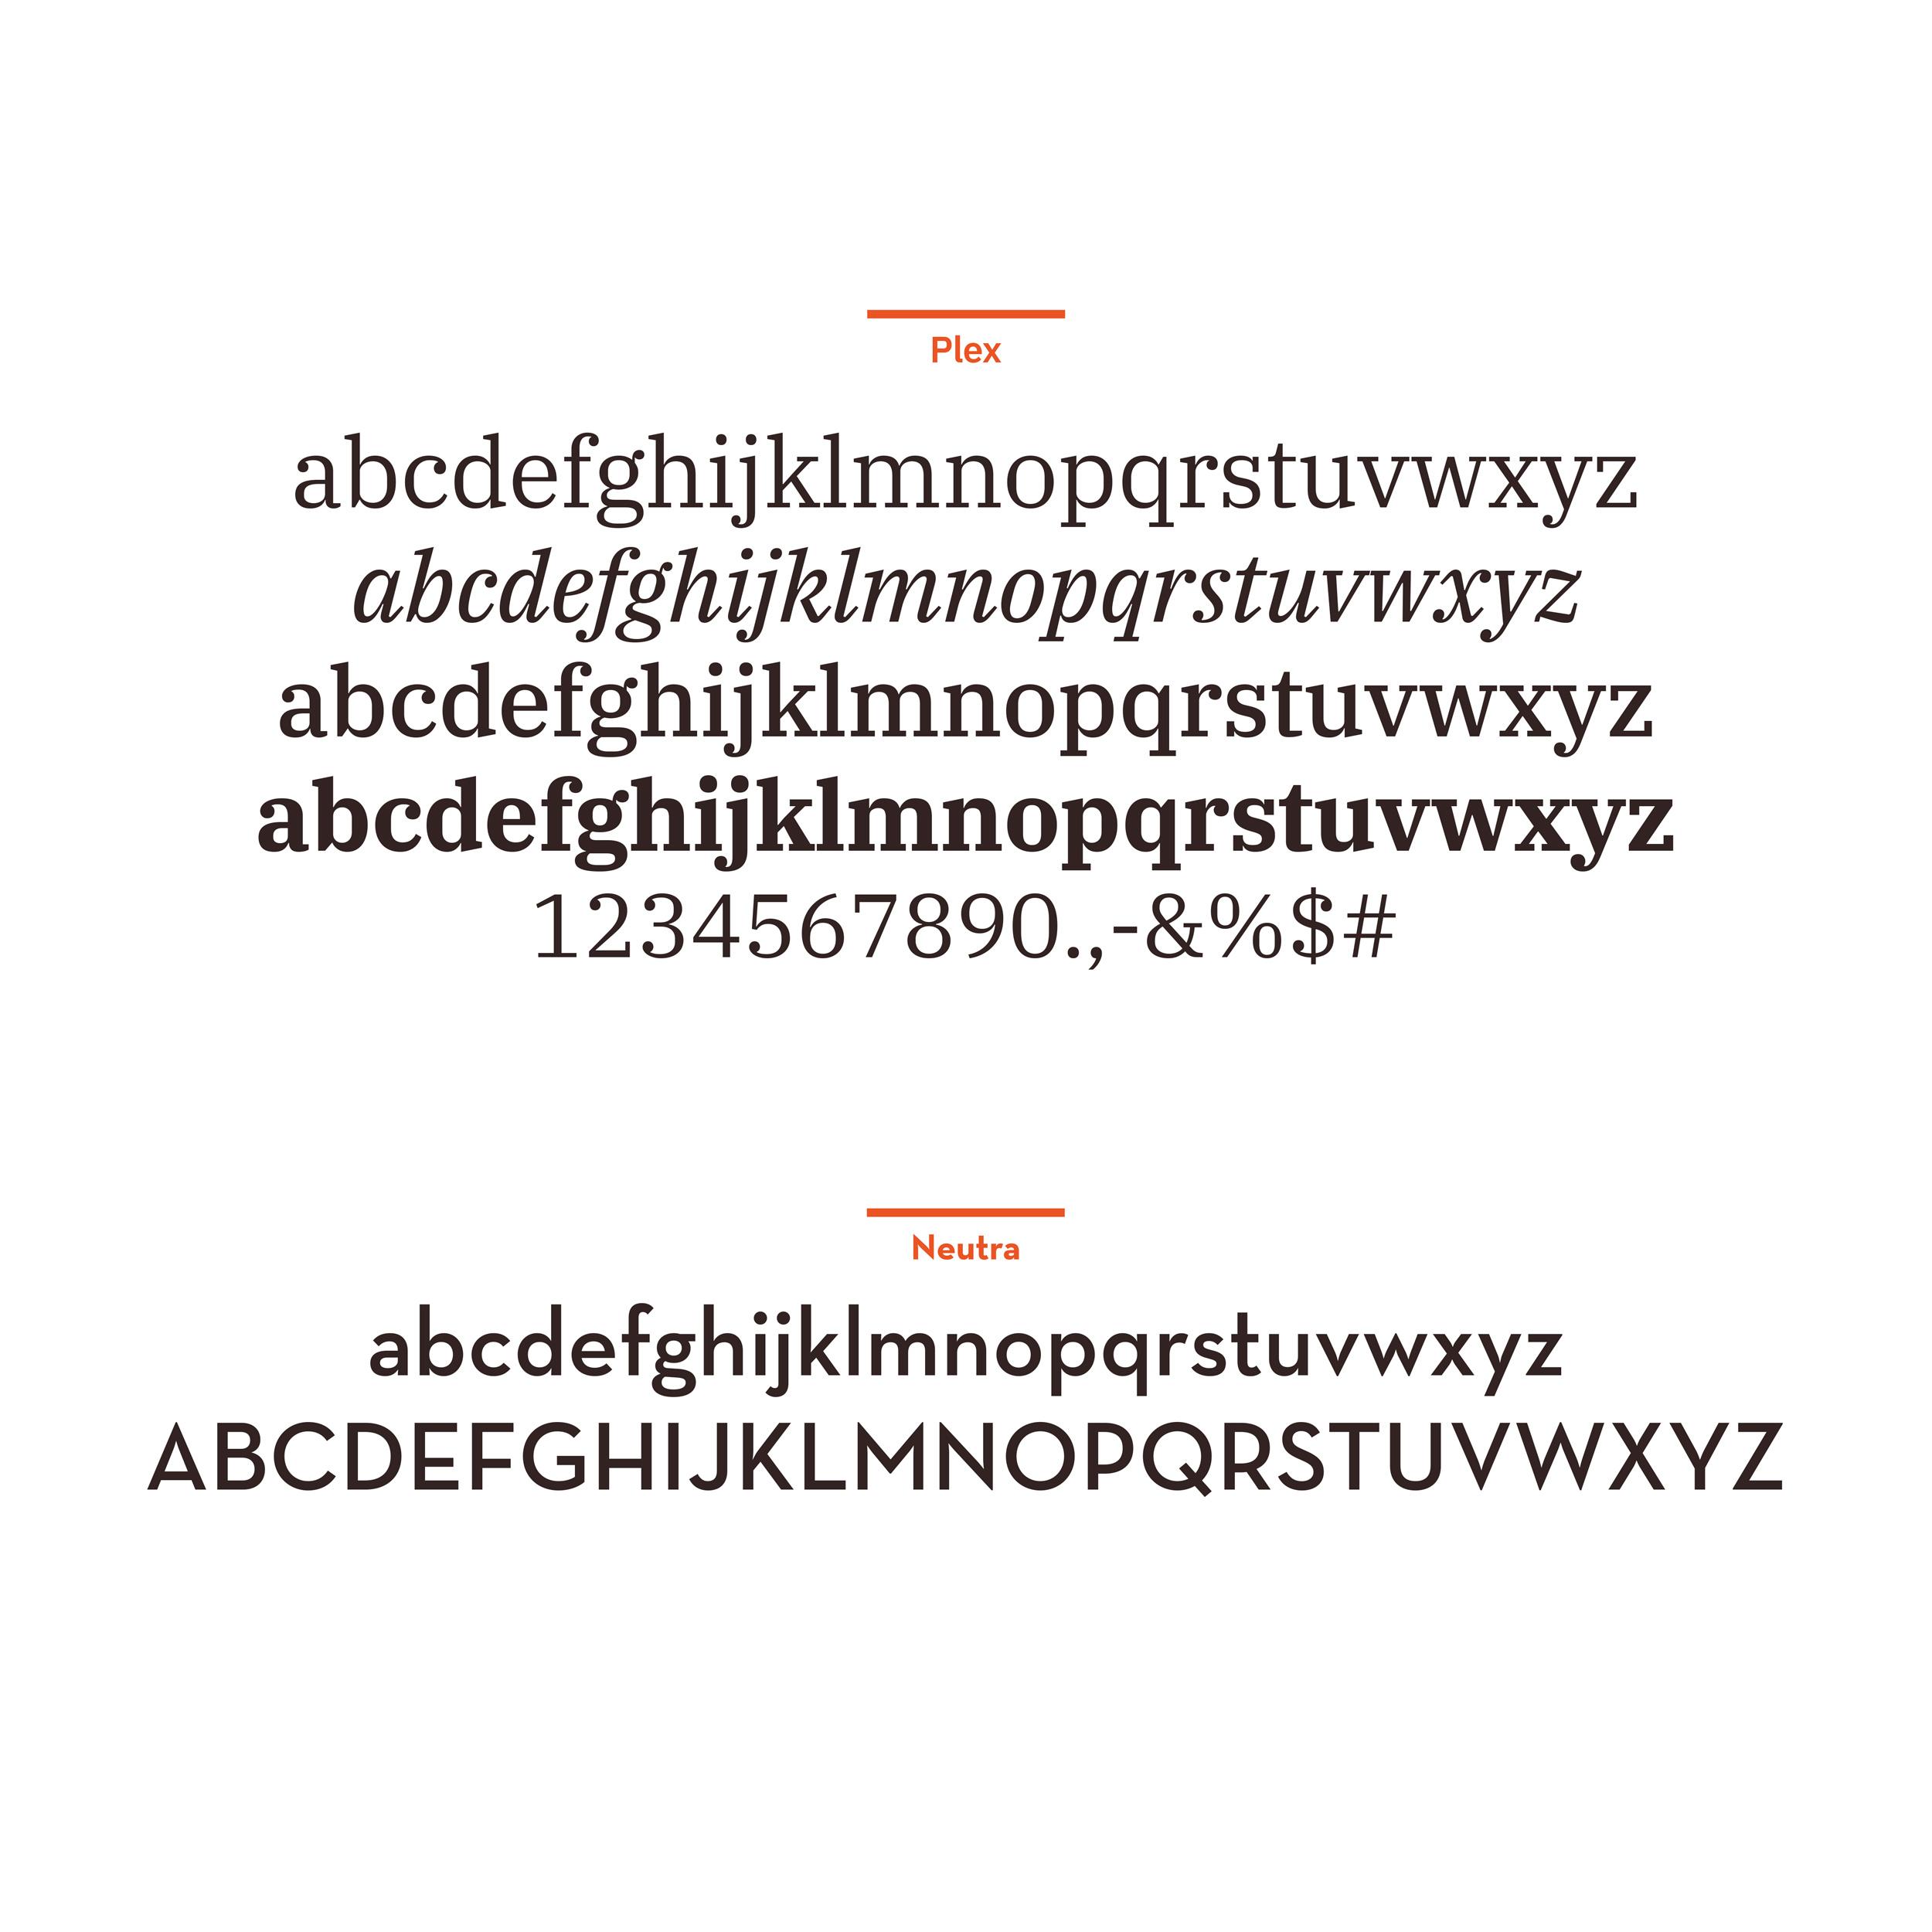 SJC_new_fonts.jpg